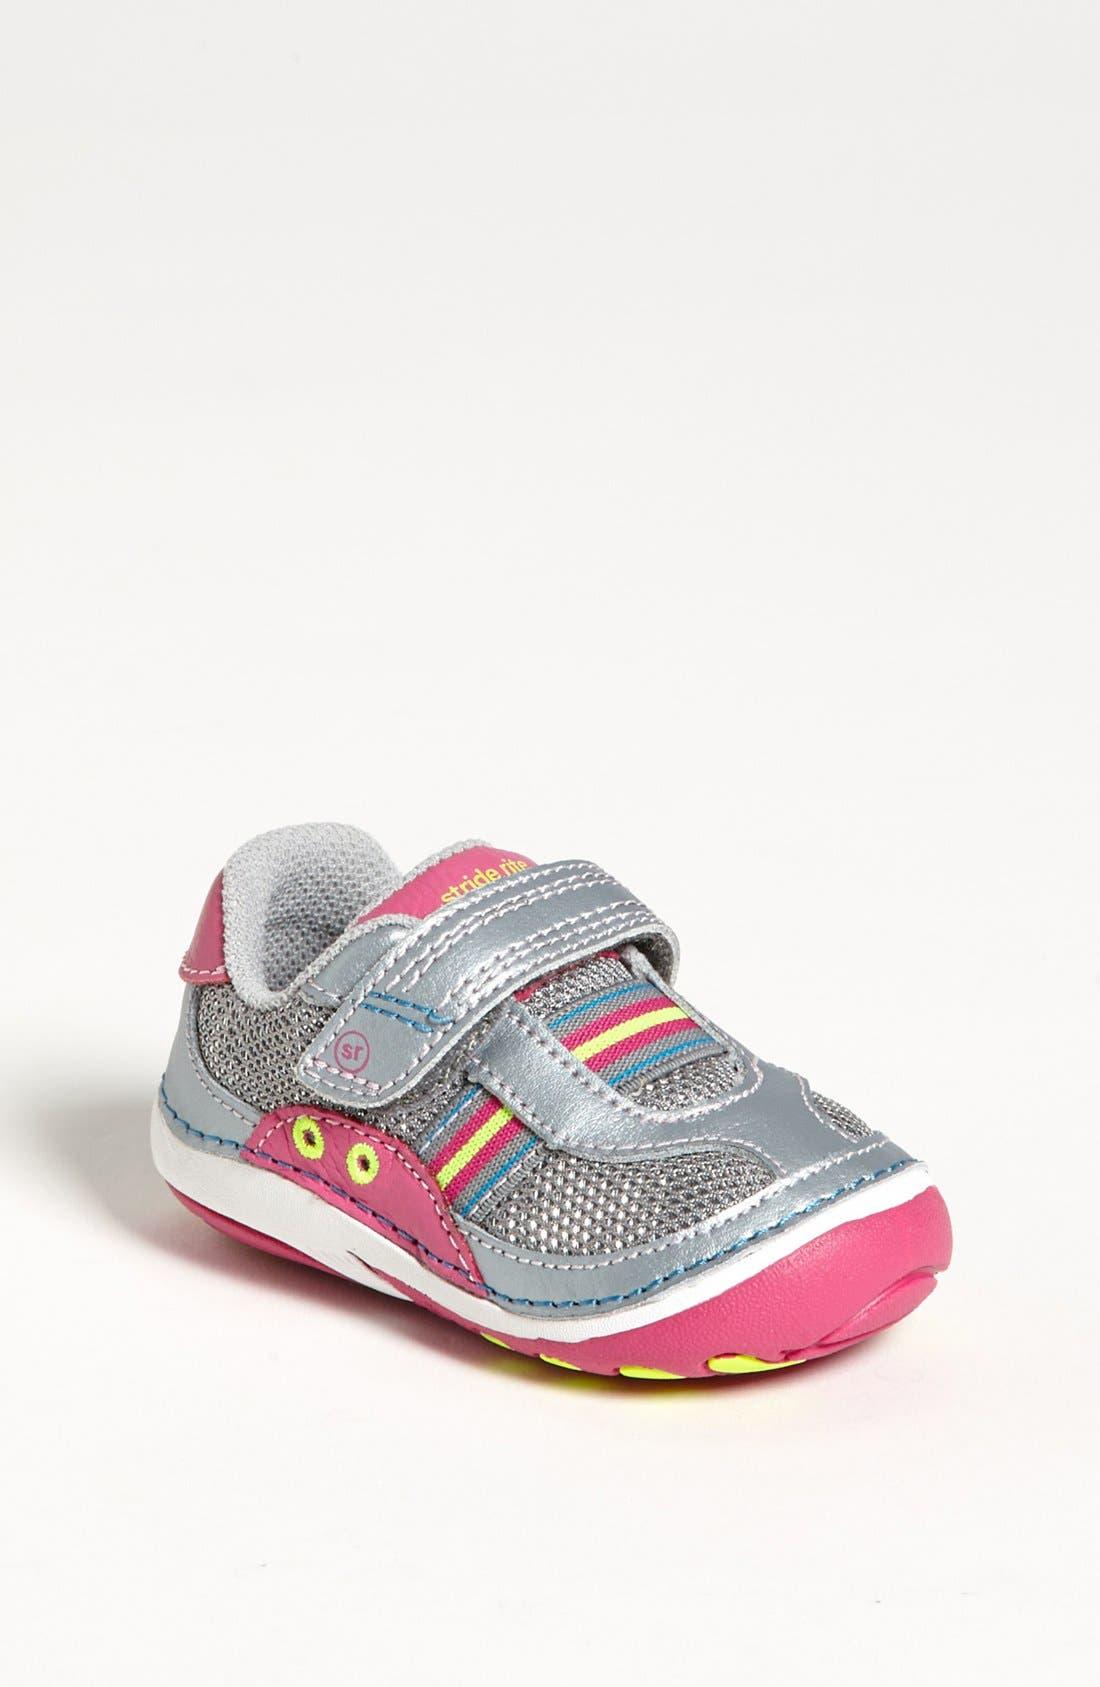 Main Image - Stride Rite 'Aldrin' Sneaker (Baby & Walker)